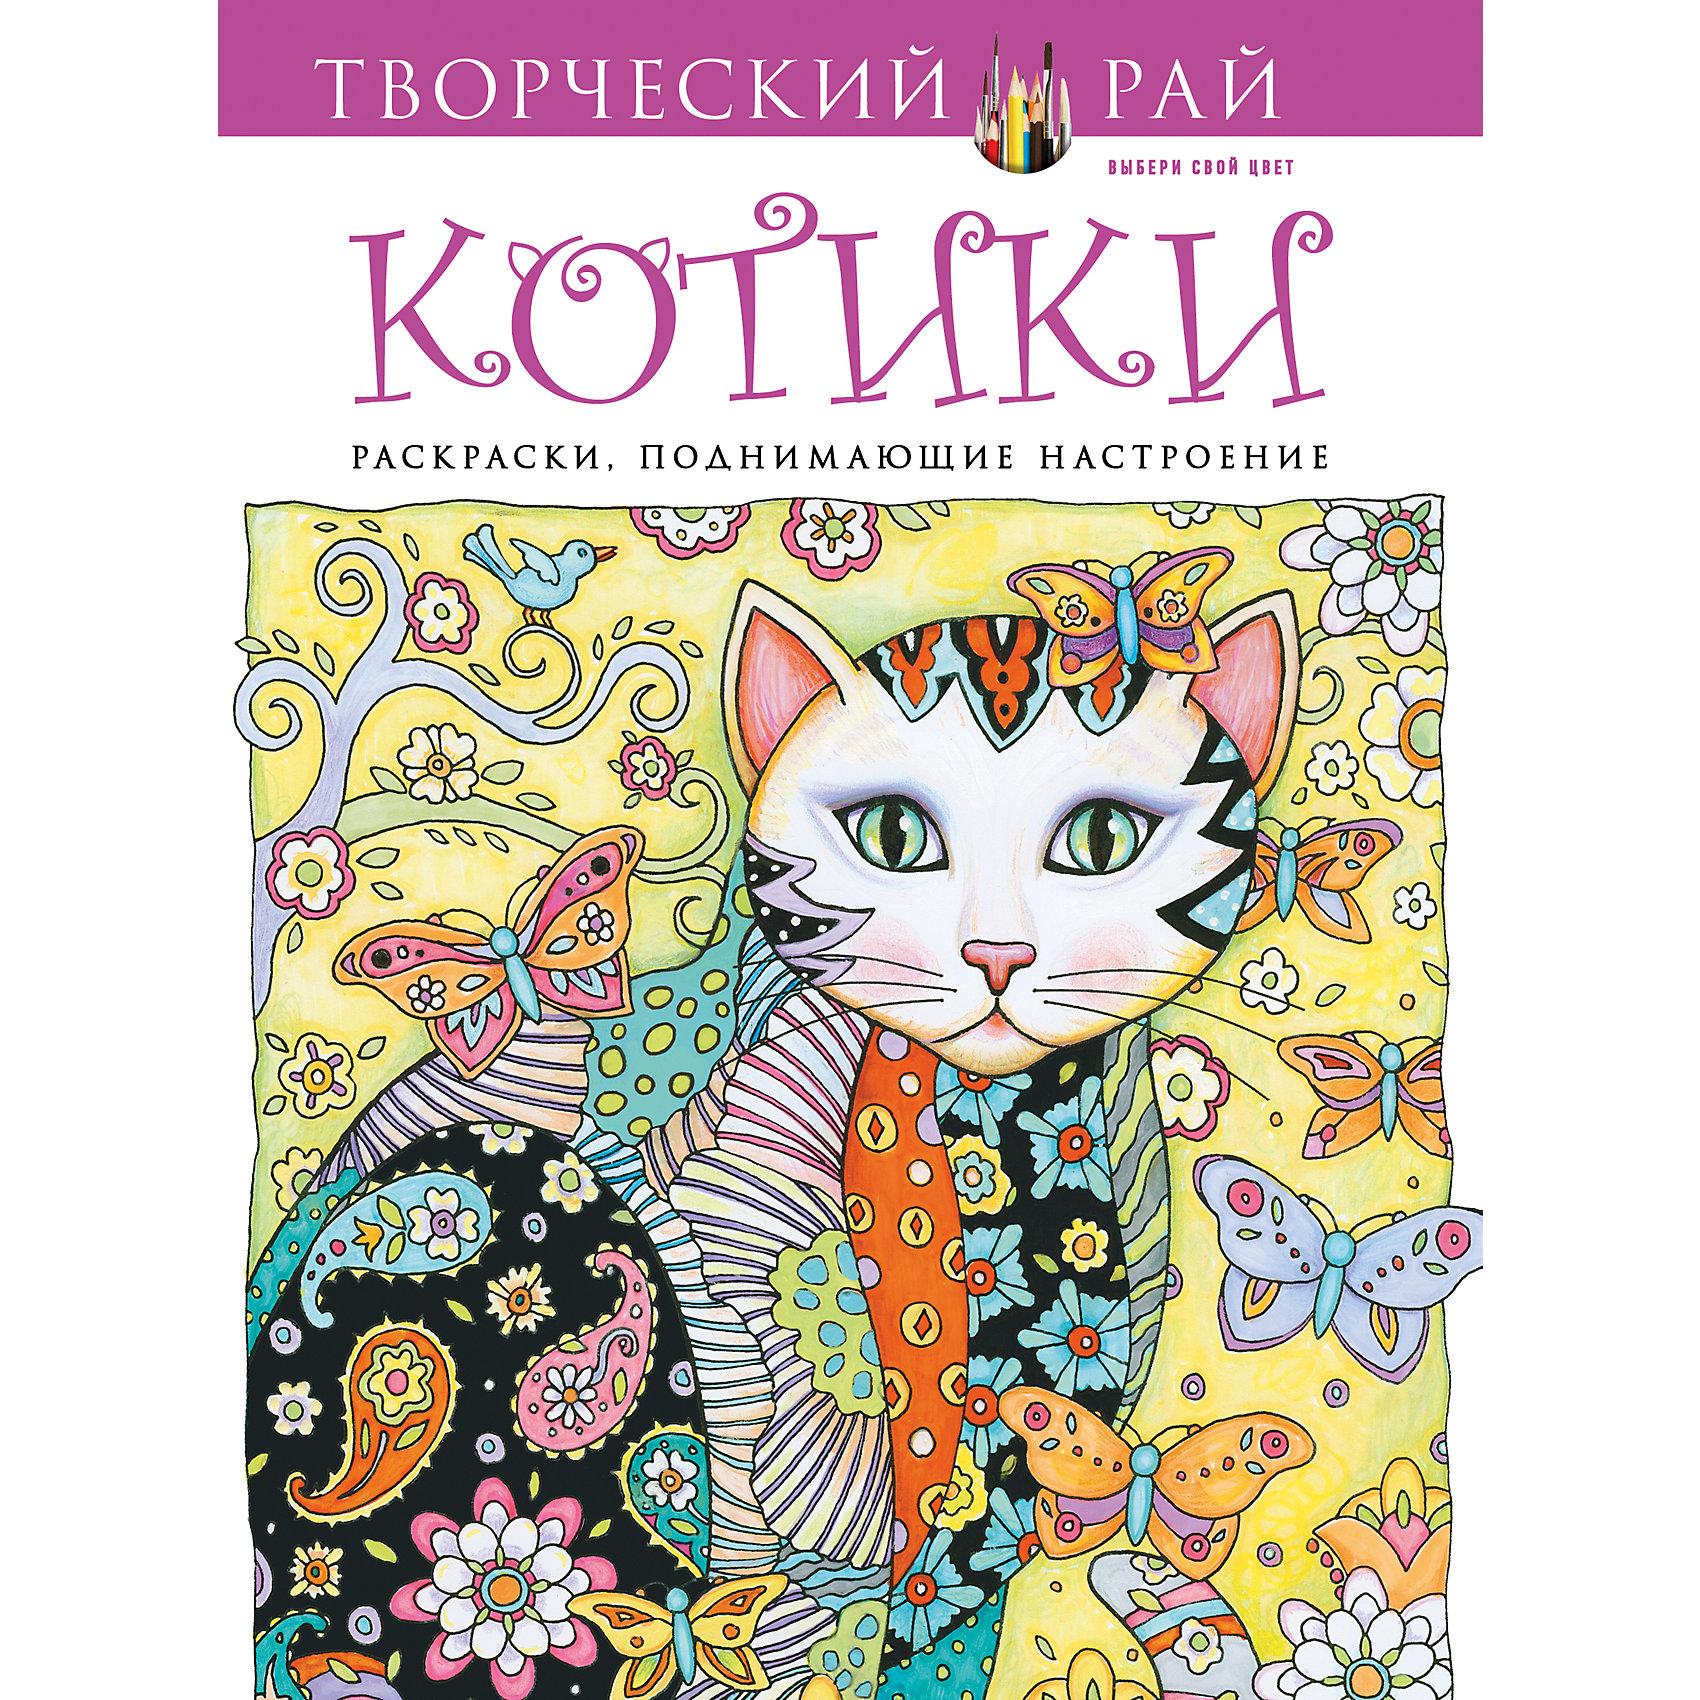 Раскраски, поднимающие настроение КотикиРисование<br>Раскраски, поднимающие настроение Котики – это прекрасная подборка раскрасок для творческих людей.<br>Творческие люди, поклонники раскрасок и любители кошек будут очарованы этой подборкой раскрасок. Оригинальные рисунки котов и кошек, украшенных причудливыми узорами: цветами, сердечками, нотками и мотивами в стиле стимпанк. Креативный дизайн иллюстраций серии «Творческий рай» открывает безграничные творческие возможности. Создайте галерею авторских, эксклюзивных картин, творцом которых являетесь вы сами! Иллюстрации расположены на одной стороне плотного листа с перфорацией. Теперь можно рисовать фломастерами и акварельными красками, не боясь повредить раскраску на обороте.<br><br>Дополнительная информация:<br><br>- Автор: Sarnat Marjorie<br>- Издательство: Эксмо, 2015 г.<br>- Серия: Творческий рай. Раскраски, поднимающие настроение<br>- Тип обложки: 7Б - твердая (плотная бумага или картон)<br>- Оформление: частичная лакировка<br>- Иллюстрации: черно-белые<br>- Количество страниц: 64 (офсет) <br>- Размер: 287x215x10 мм.<br>- Вес: 474 гр.<br><br>Раскраски, поднимающие настроение Котики можно купить в нашем интернет-магазине.<br><br>Ширина мм: 287<br>Глубина мм: 215<br>Высота мм: 10<br>Вес г: 480<br>Возраст от месяцев: 72<br>Возраст до месяцев: 168<br>Пол: Унисекс<br>Возраст: Детский<br>SKU: 4467668